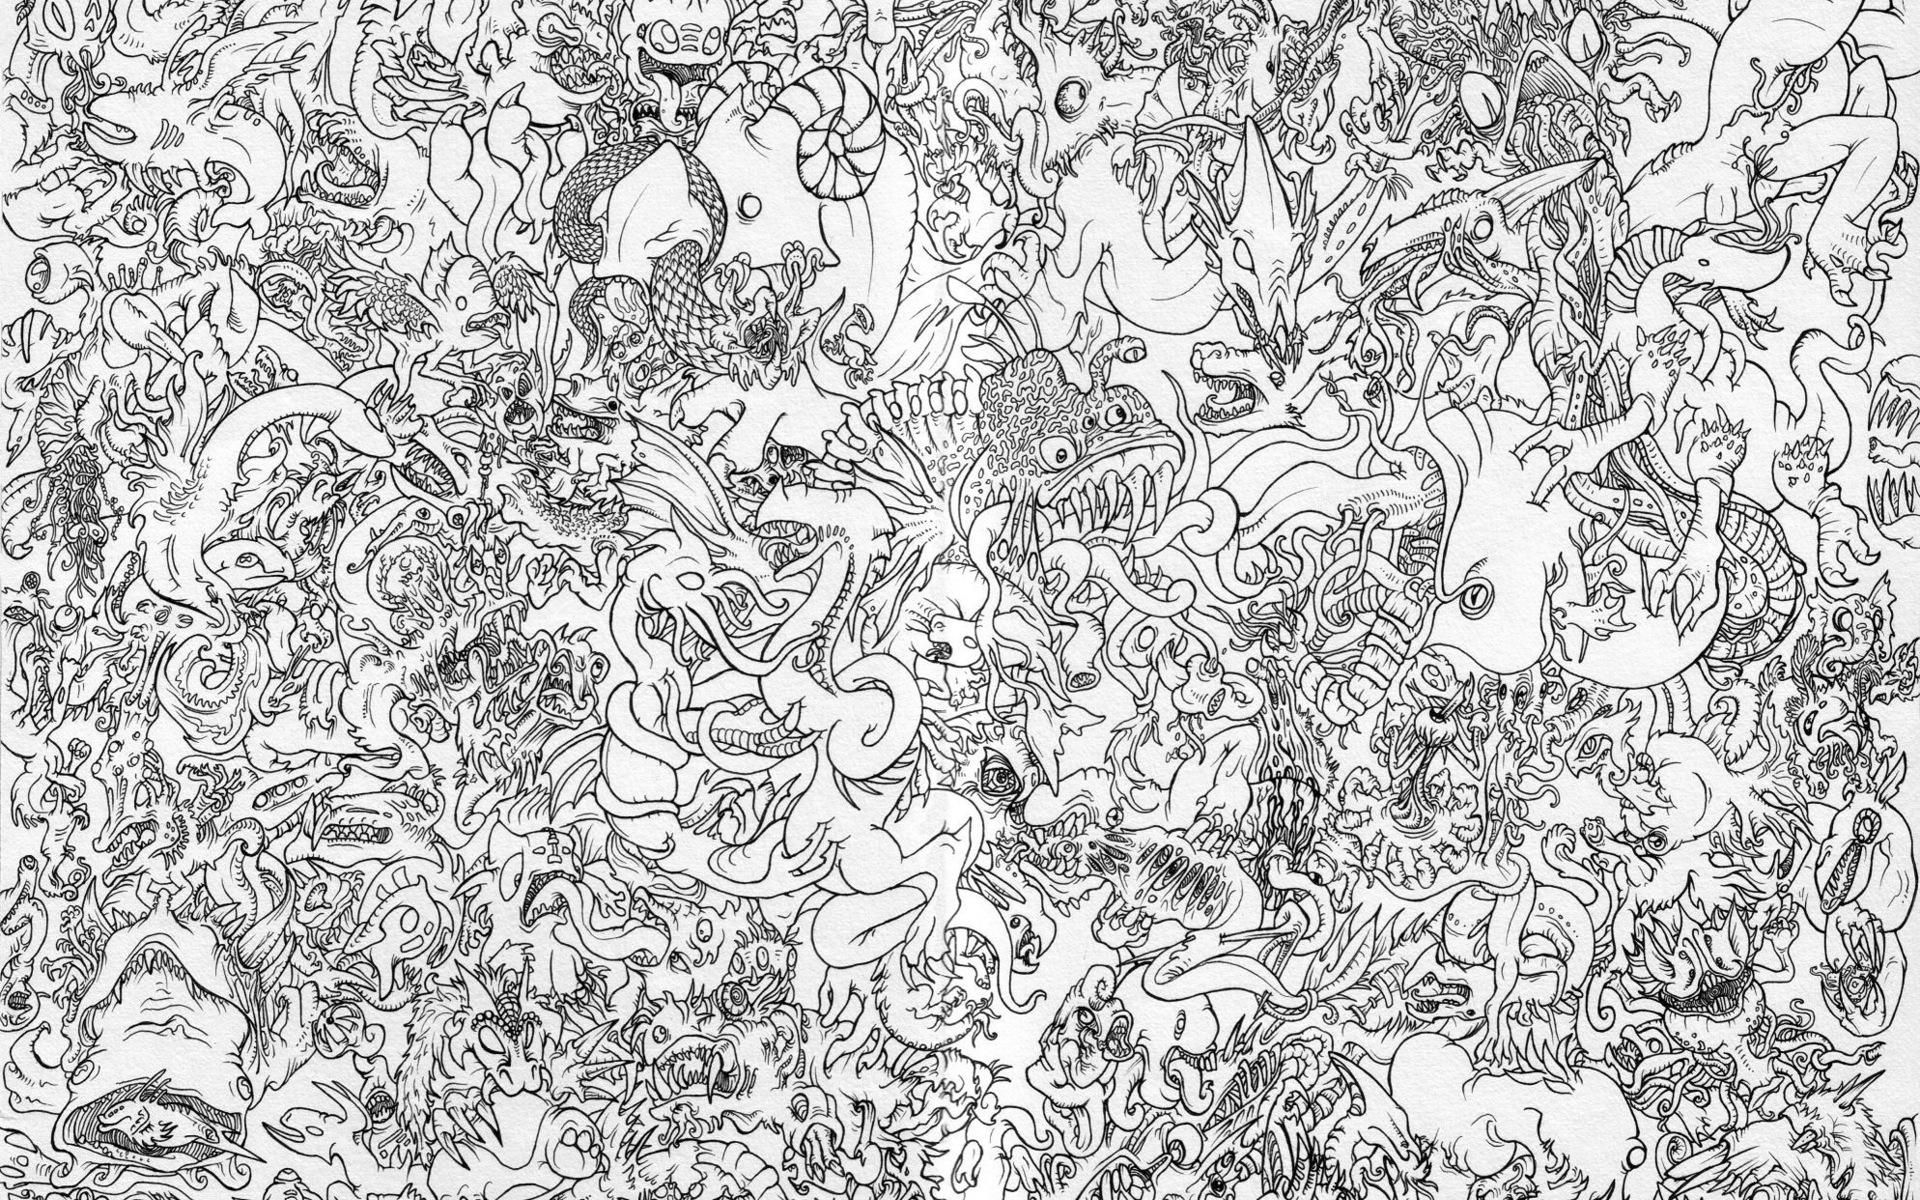 Line Drawing Wallpaper : D обои Рисунок персонажей китайской мифологии Драконы